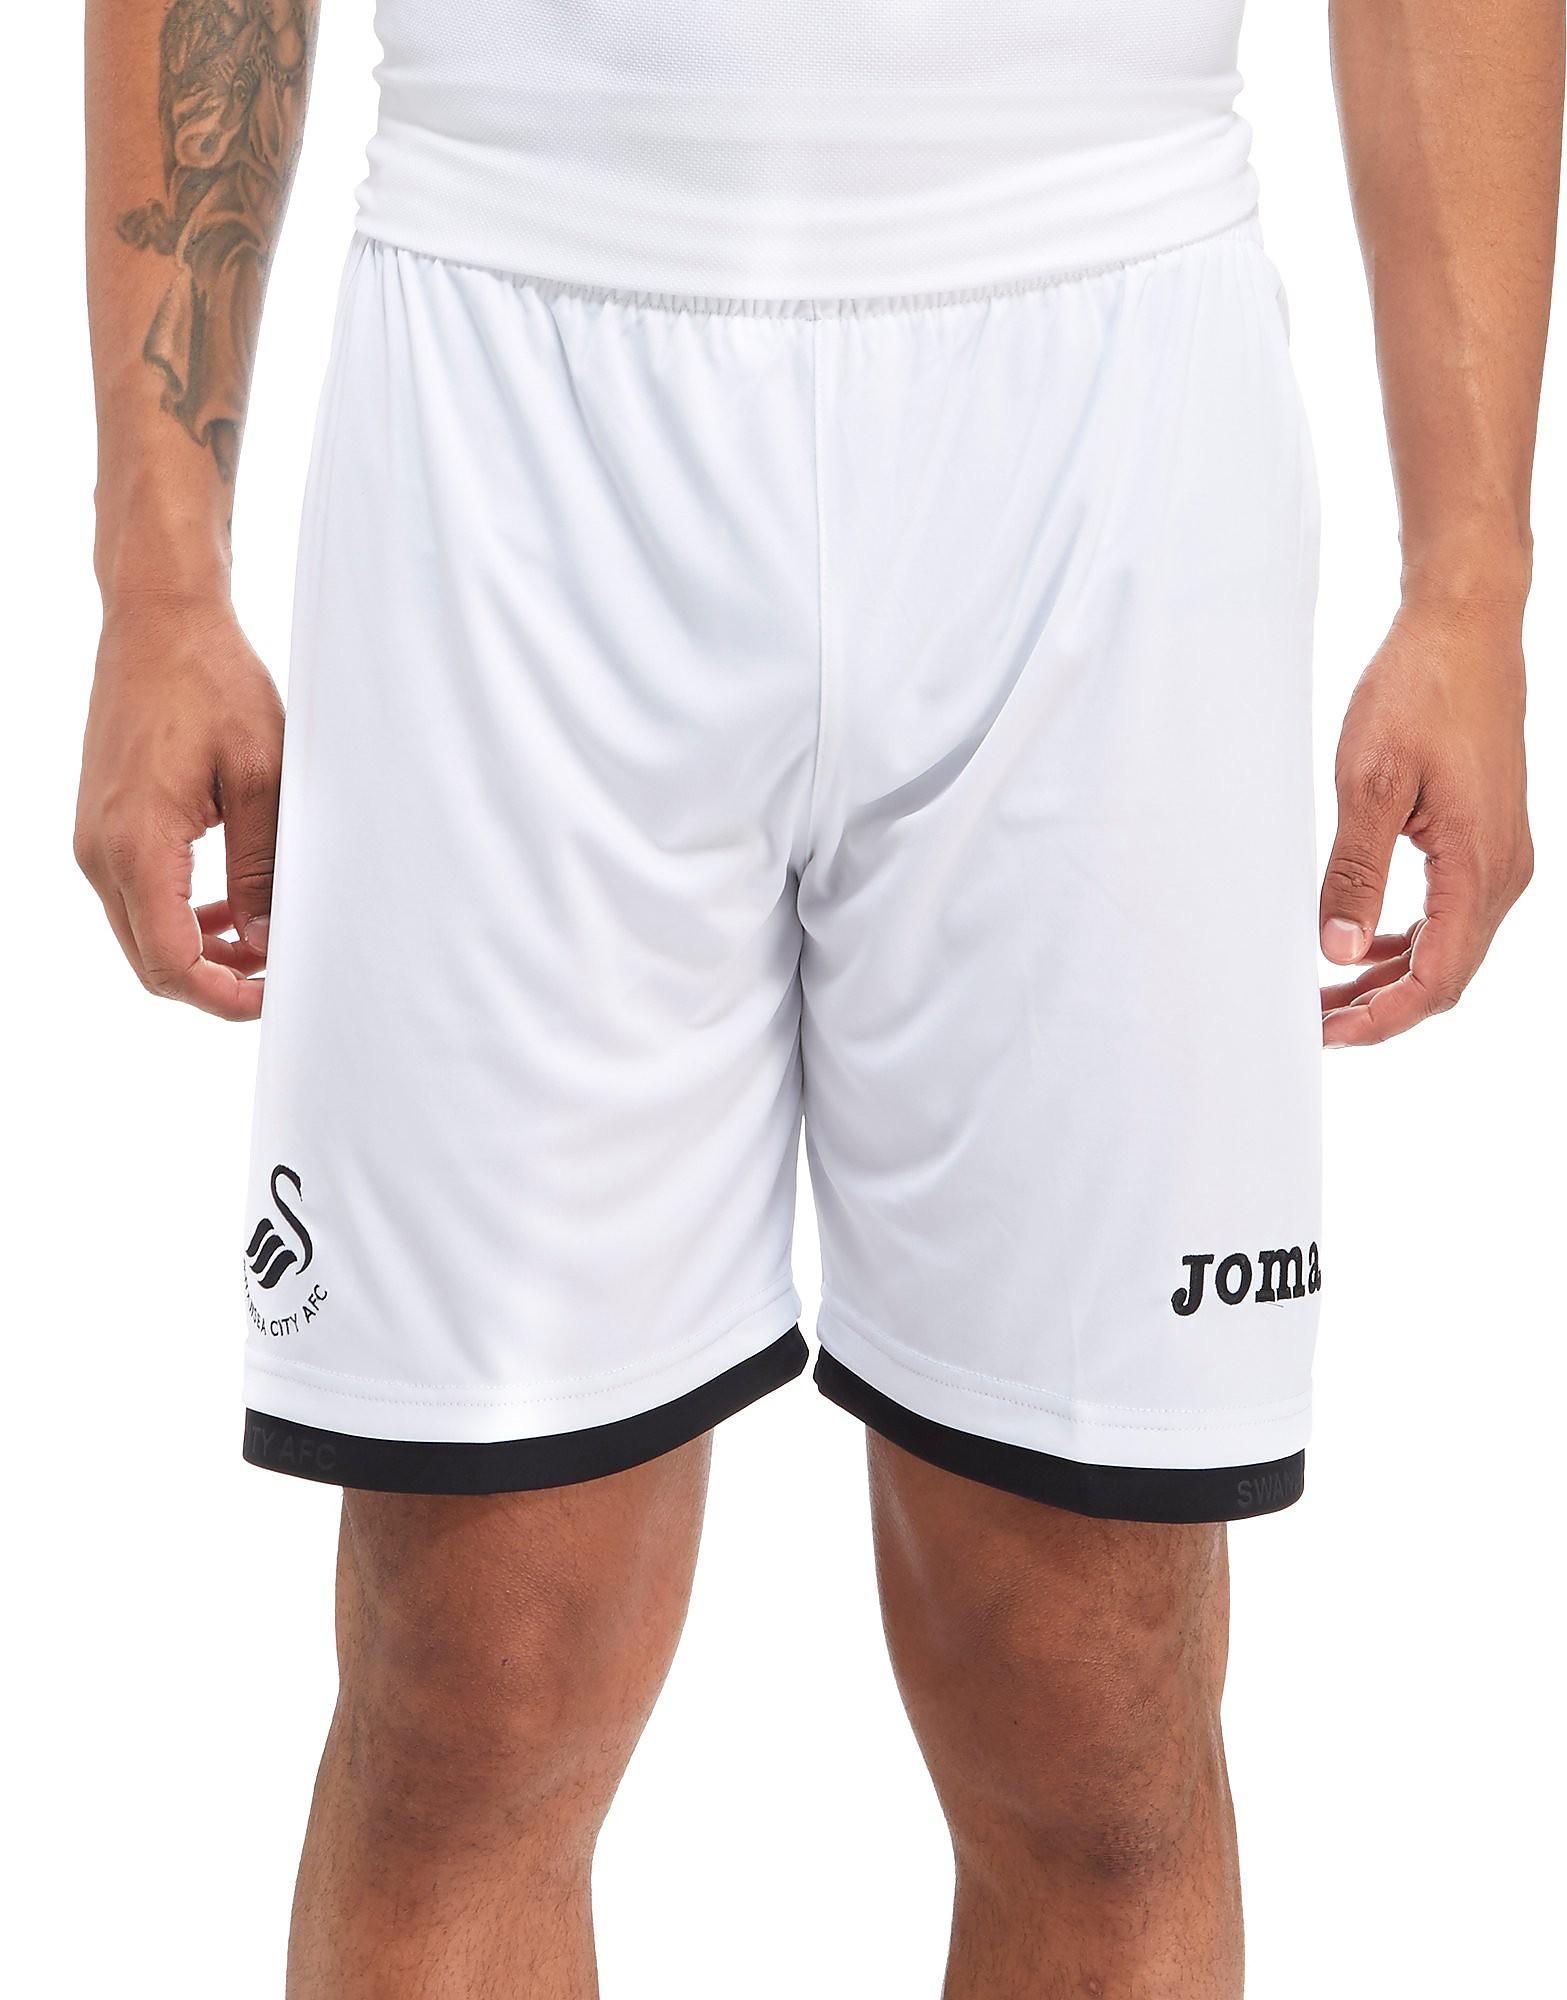 Joma Swansea City FC 2017/18 Home Shorts